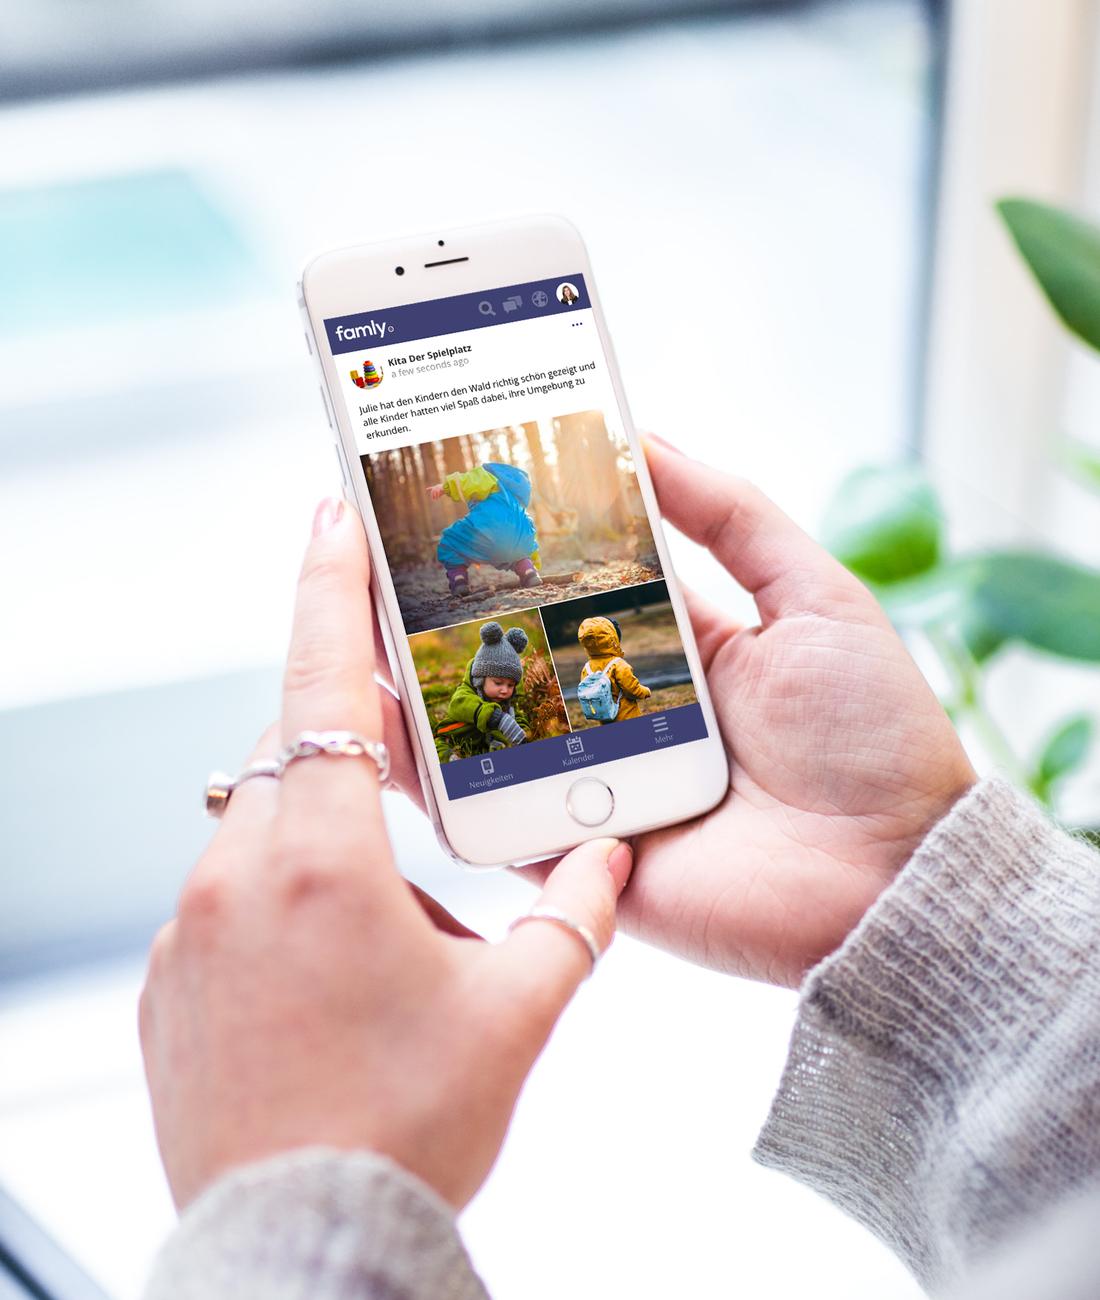 Eltern erhalten Neuigkeiten und Informationen direkt über ihr mobiles Famly Profil.